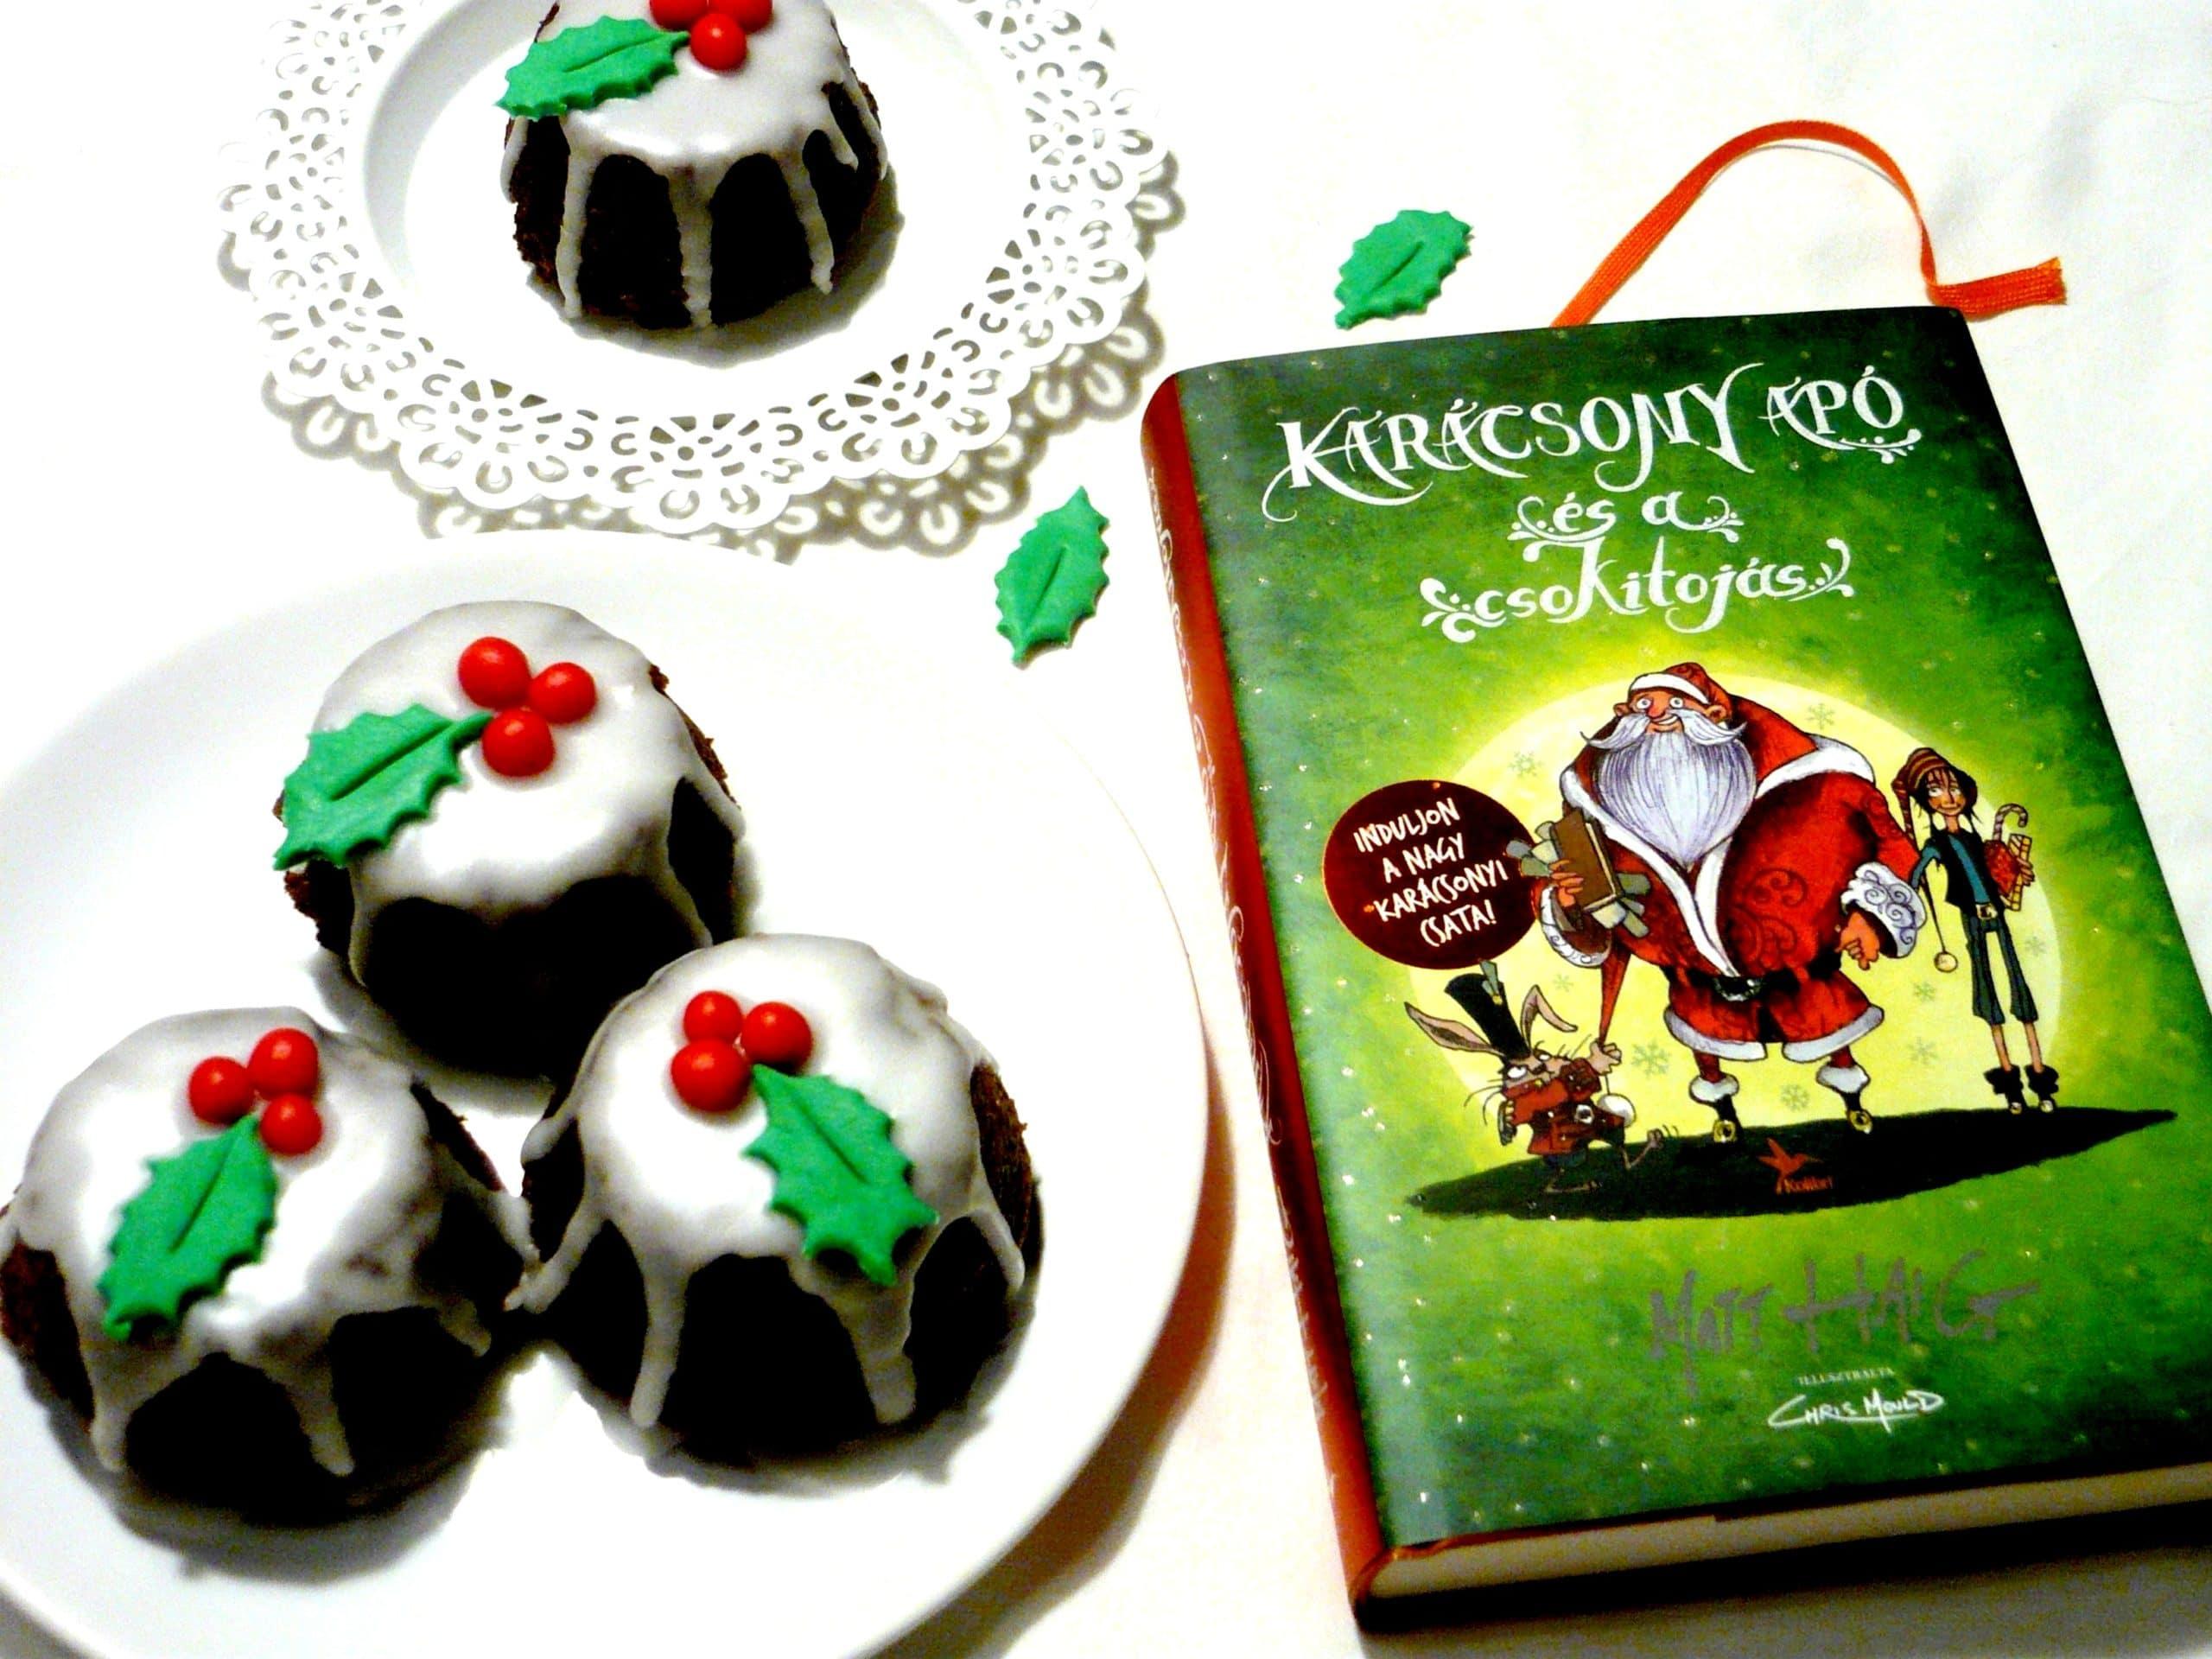 Matt Haig: Karácsony apó és a csokitojás - Karácsonyi kakaós-narancsos süti